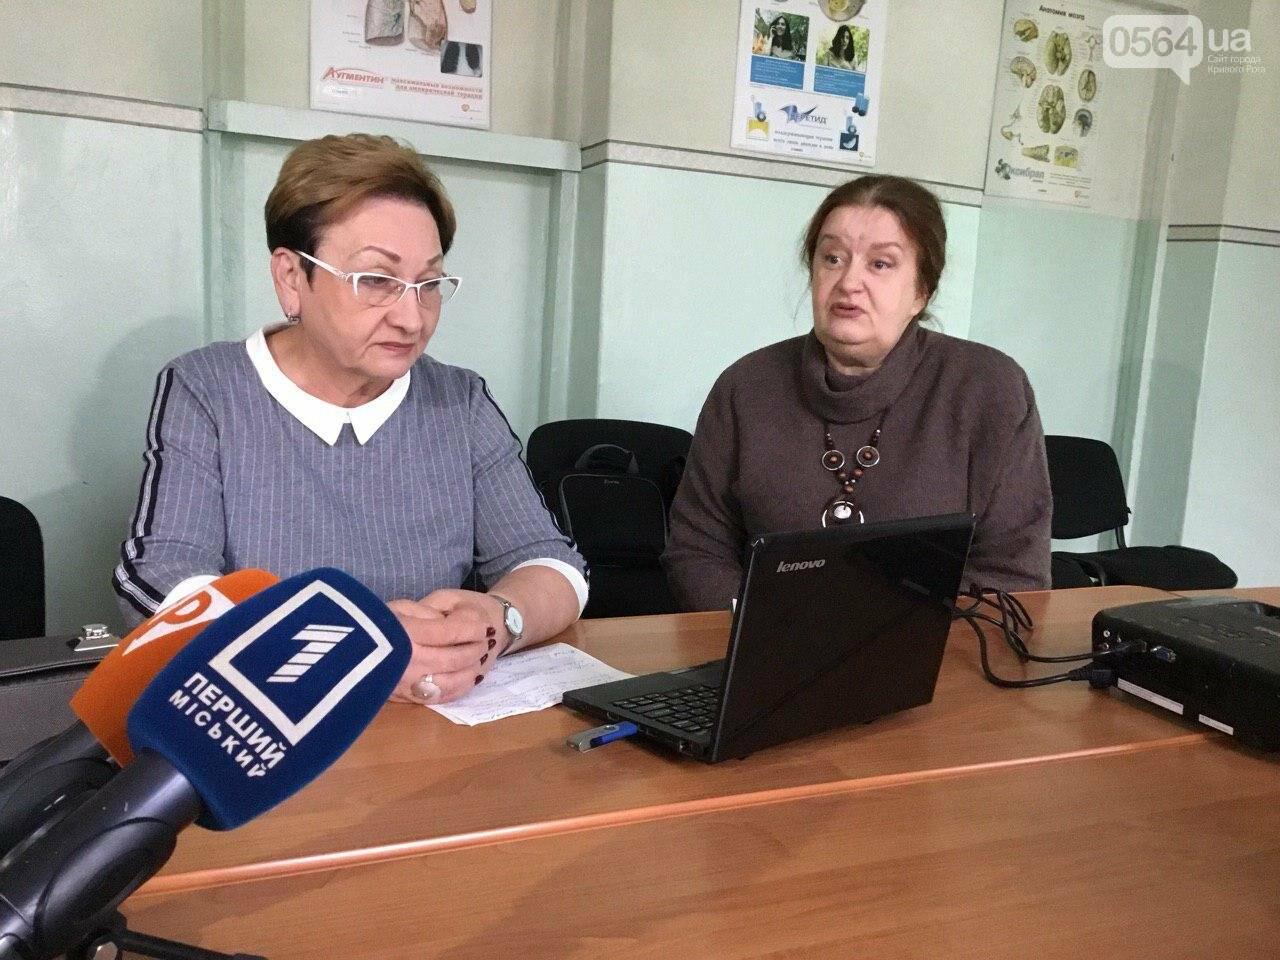 Криворожанам рассказали о лечении инсульта, - ФОТО, ВИДЕО , фото-5